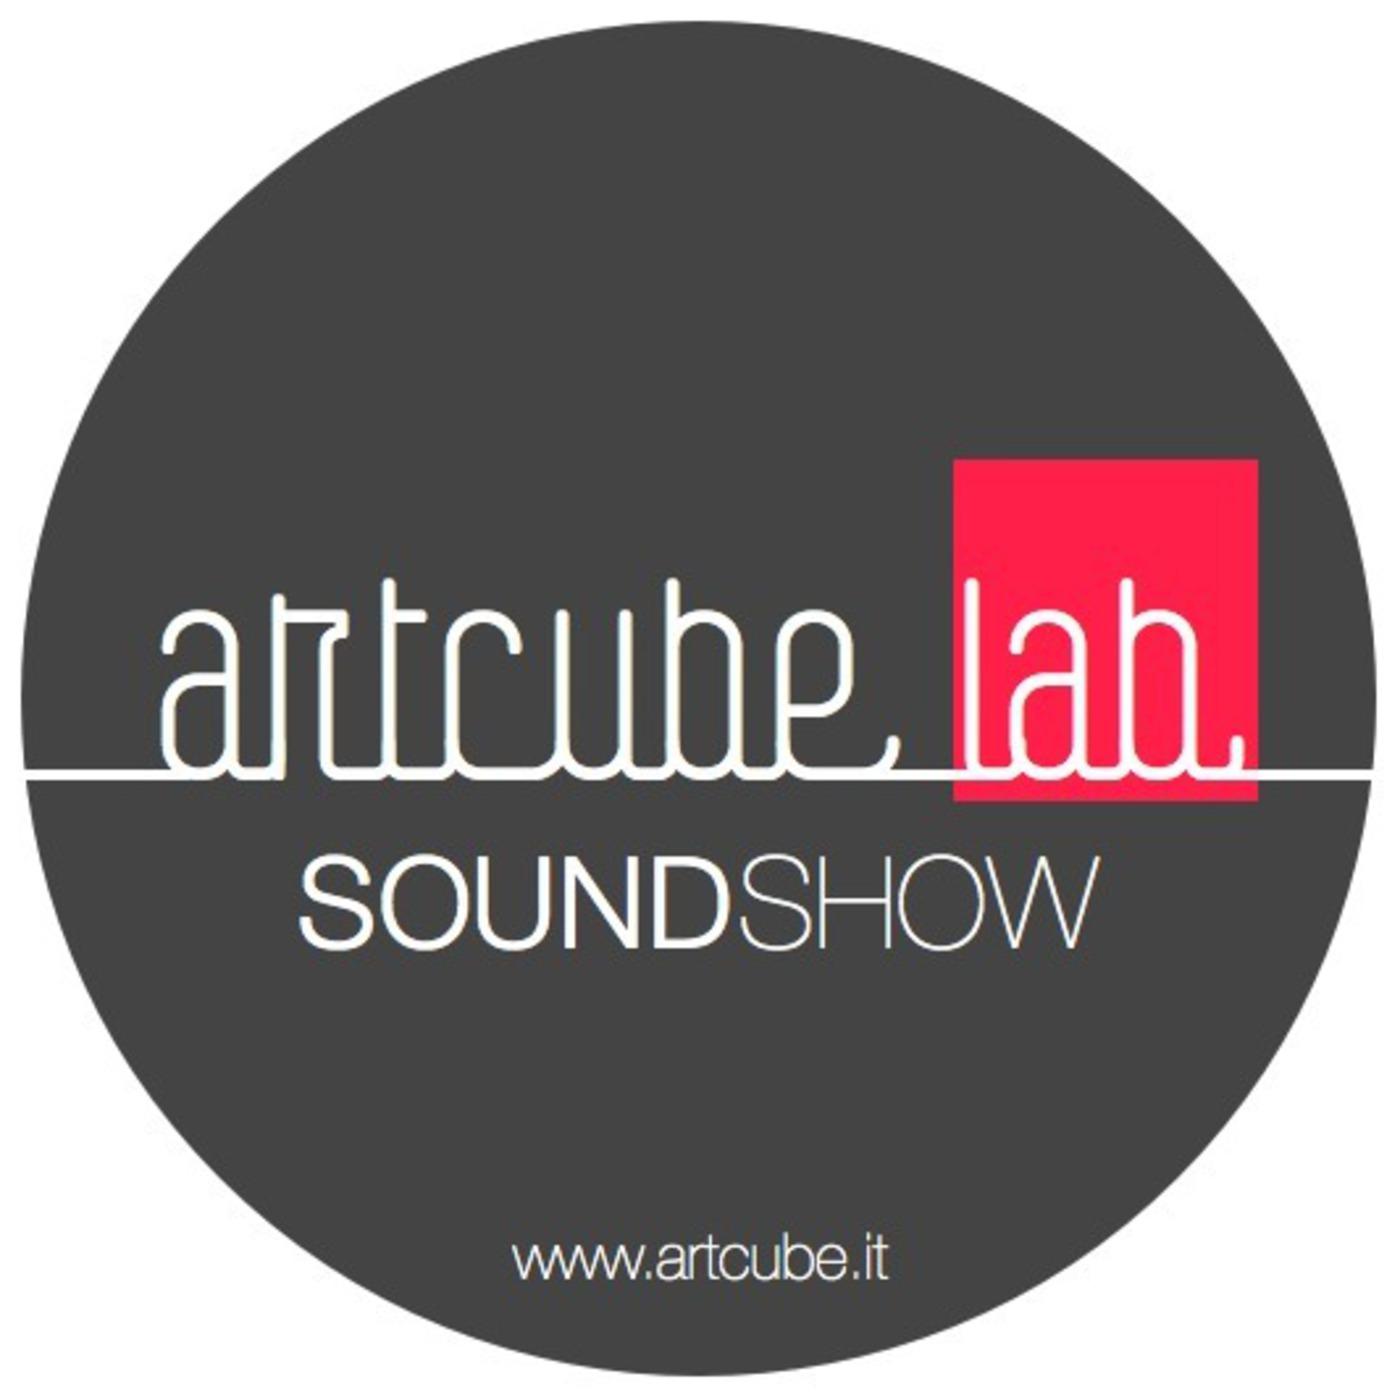 Artcube_lab